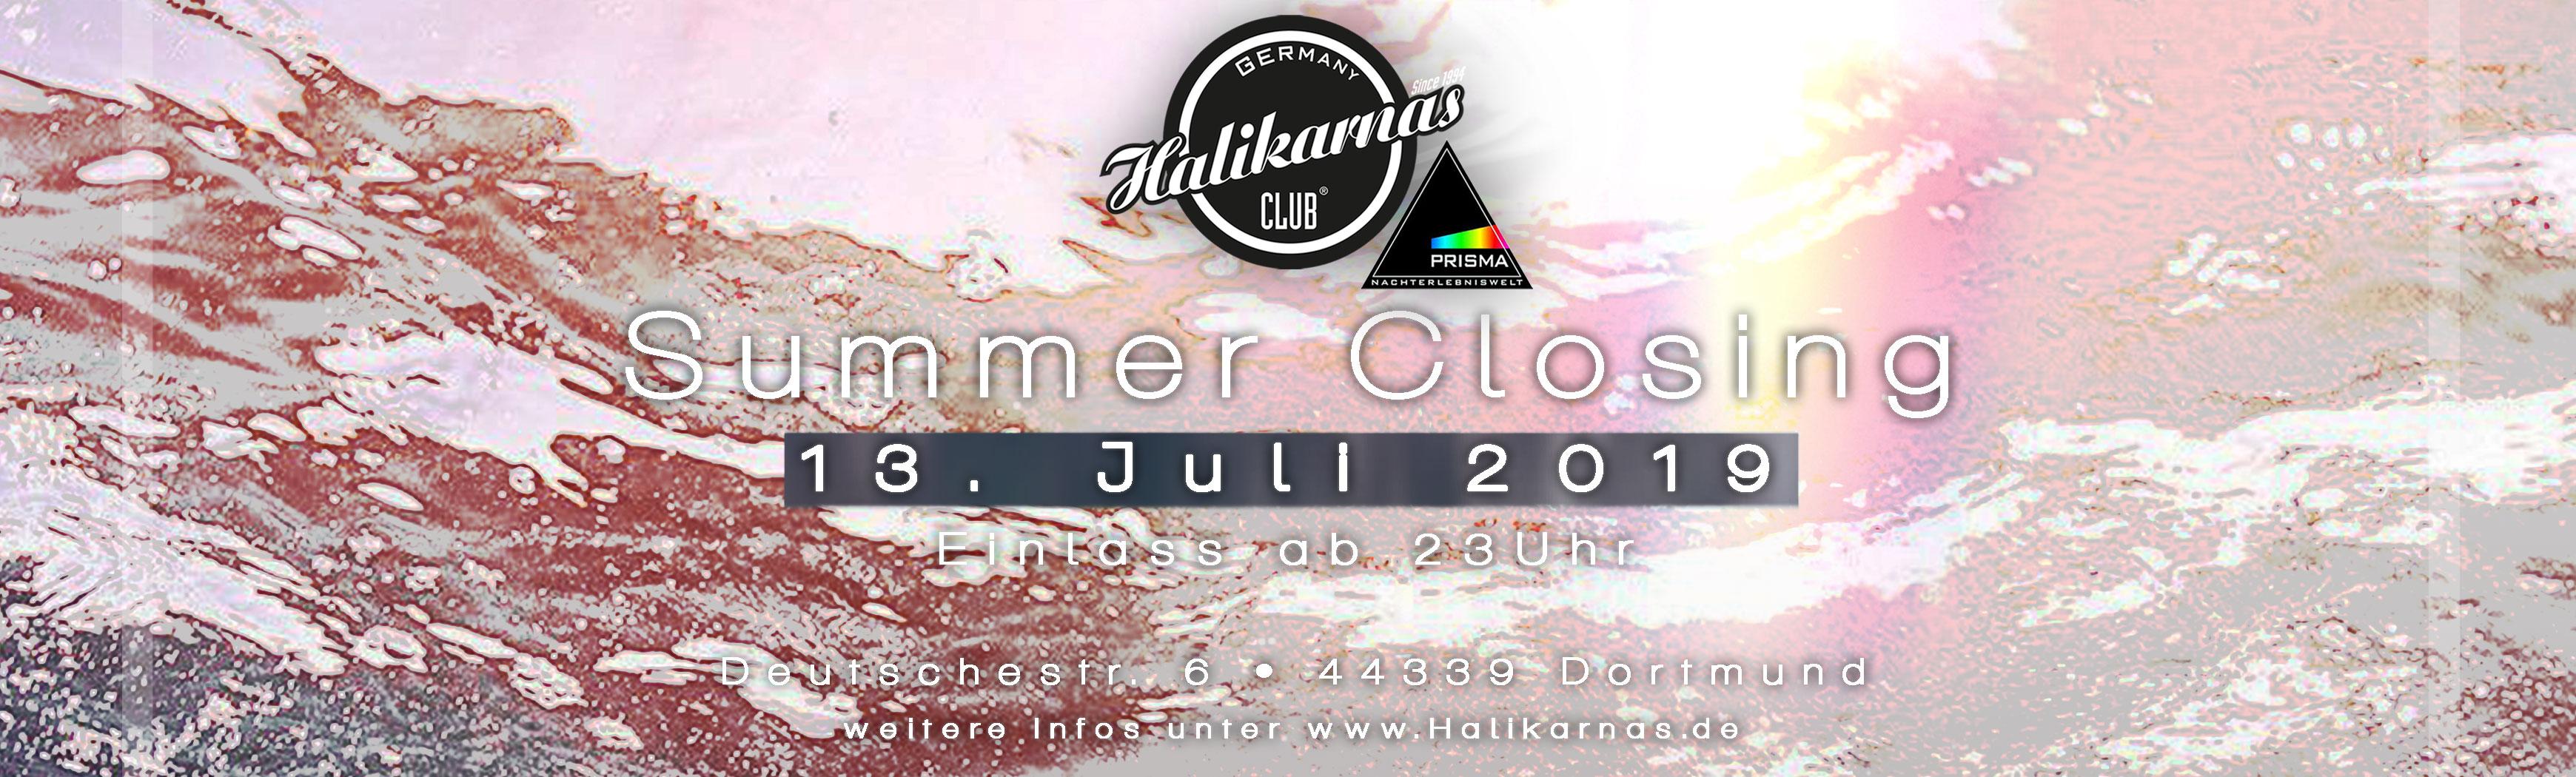 13.07. Halikarnas Summer Closing @ Prisma Dortmund